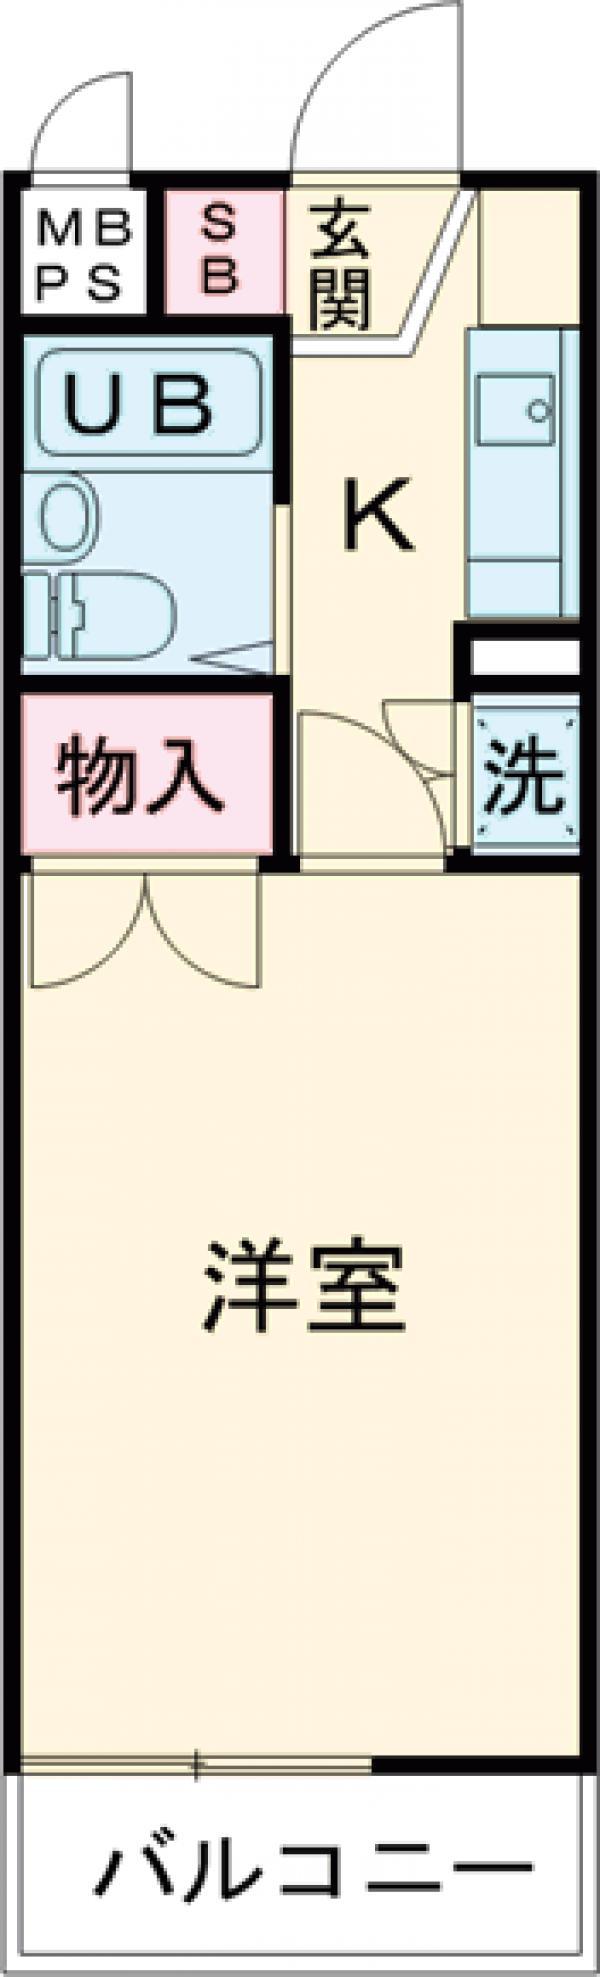 パレドール武蔵野台Ⅱ 212号室の間取り